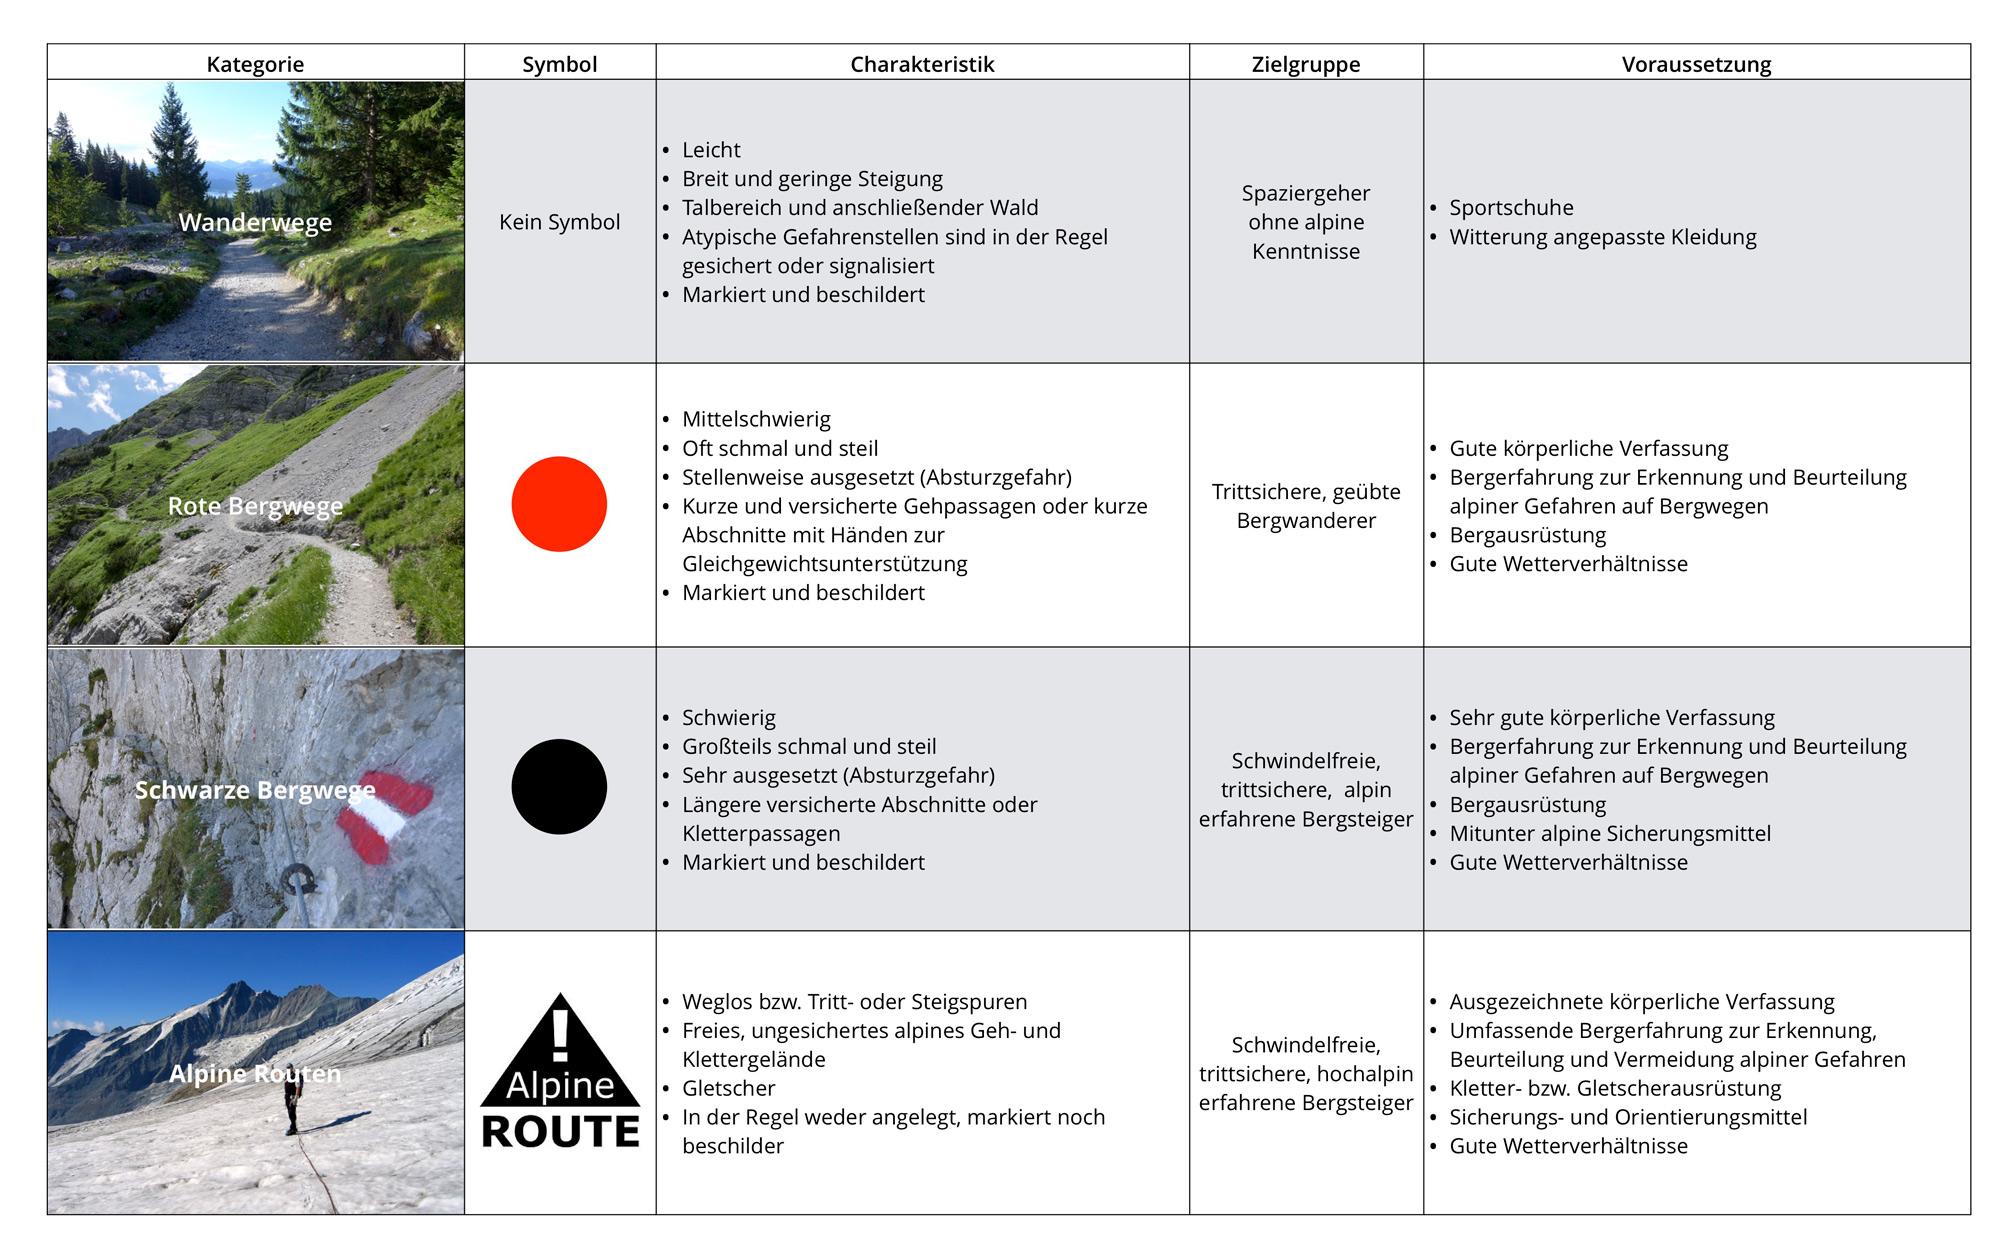 Abb. 2 Wander- und Bergwegekonzept des Landes Tirol. Amt der Tiroler Landesregierung/Abteilung Sport (09/2019). Fotos: Christoph Höbenreich